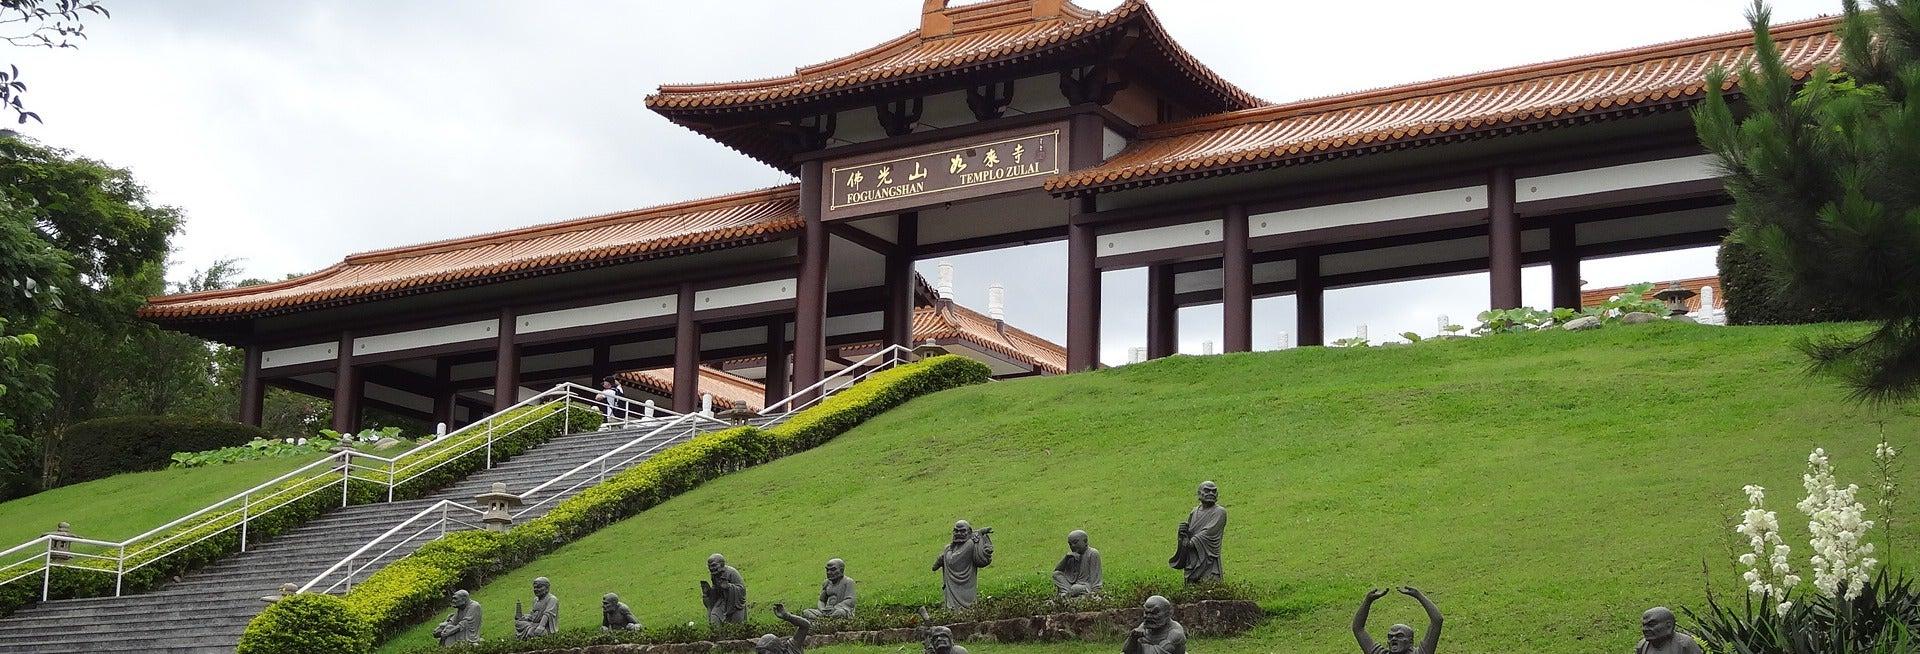 Excursão ao templo budista Zu Lai + Embu das Artes